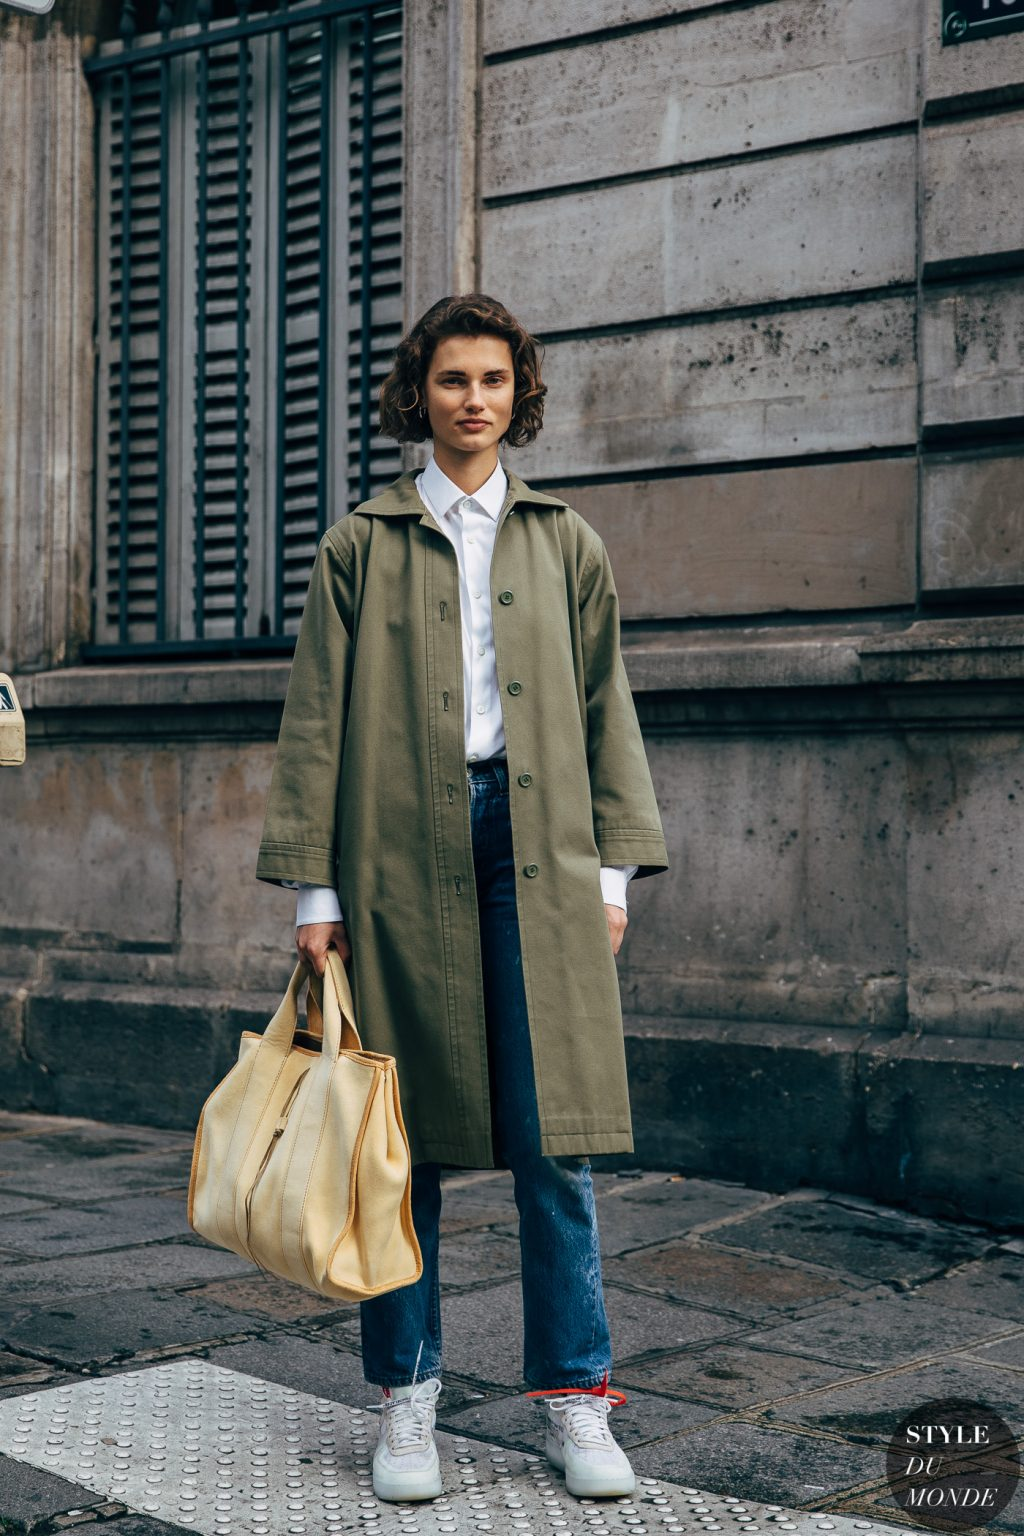 phong cách thời trang Pháp 12